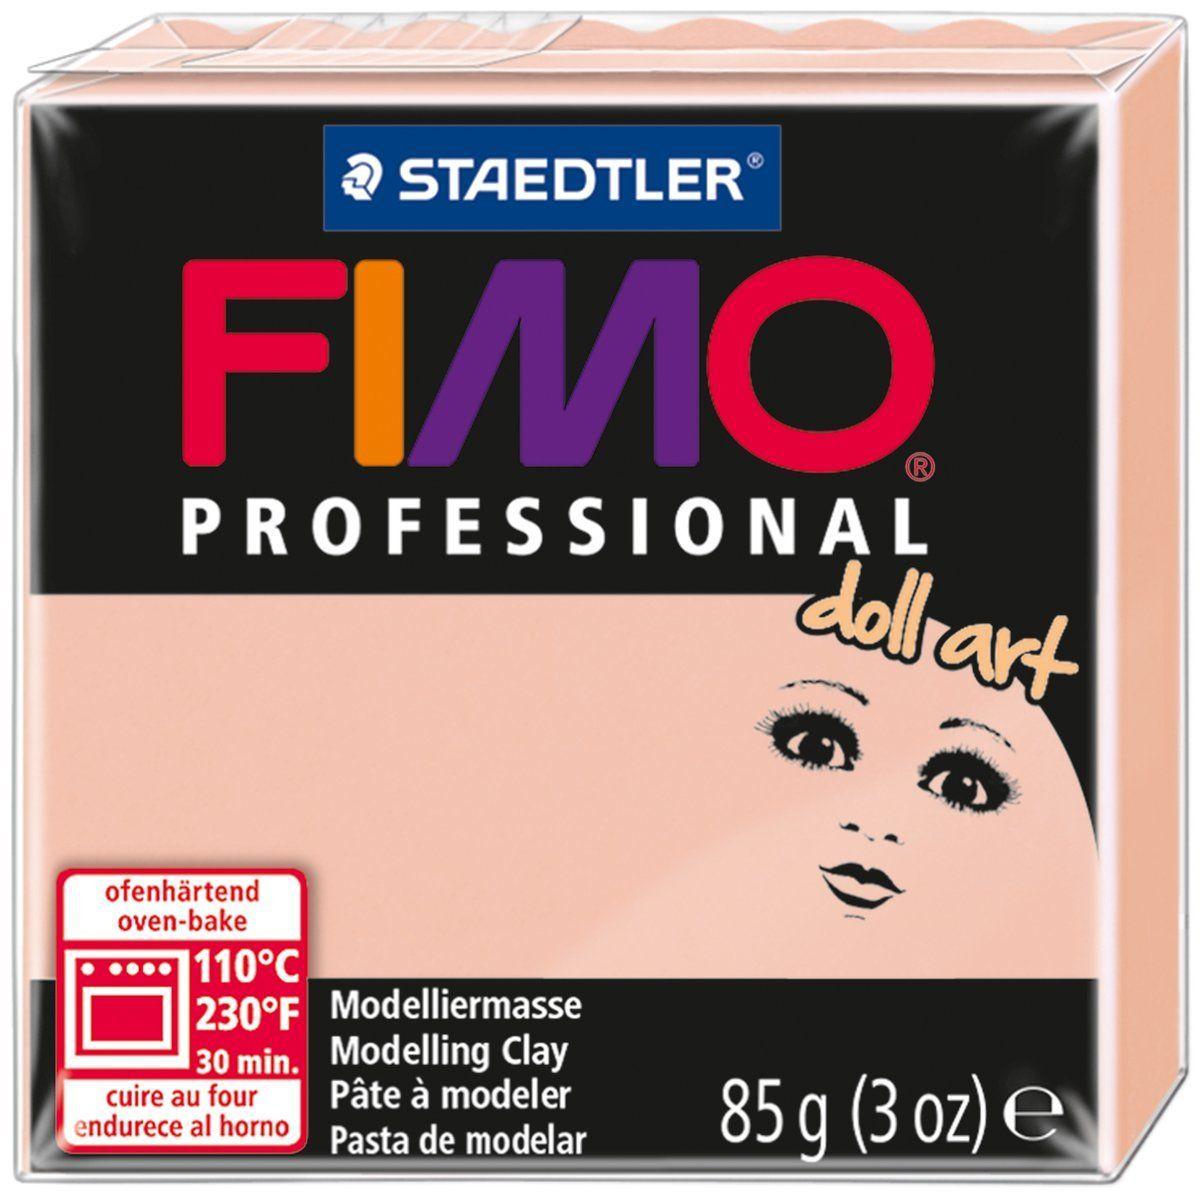 Глина полимерная Fimo Professional Doll Art, цвет: полупрозрачный розовый, 85 г fimo effect полимерная глина 56 гр цвет синий металлик 8020 302